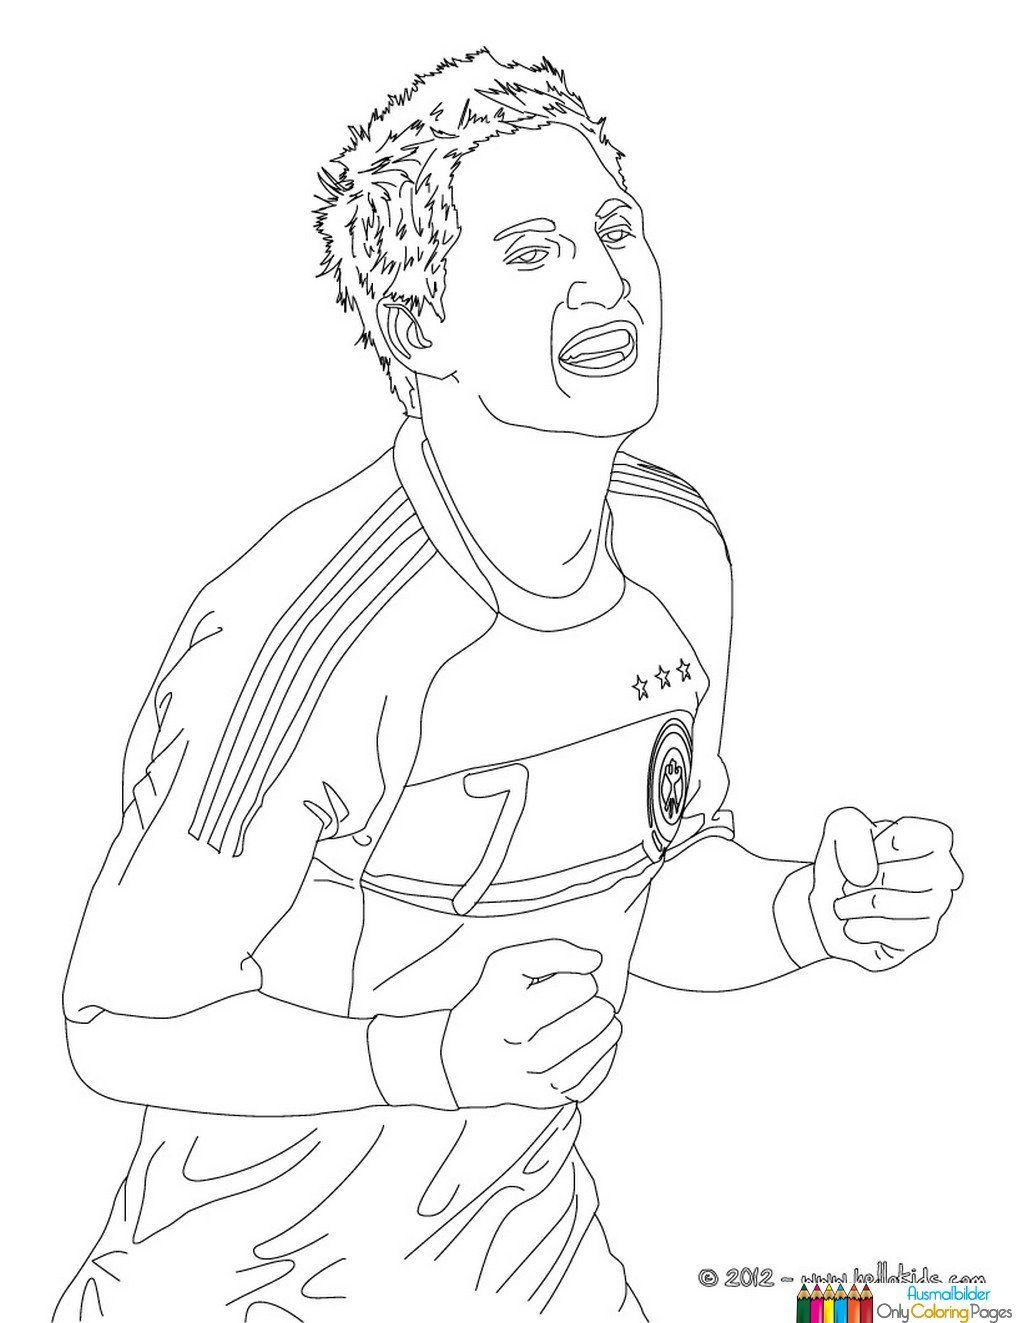 Manuel Neuer Ausmalbilder Ausmalbilder Pinterest Ausmalbilder